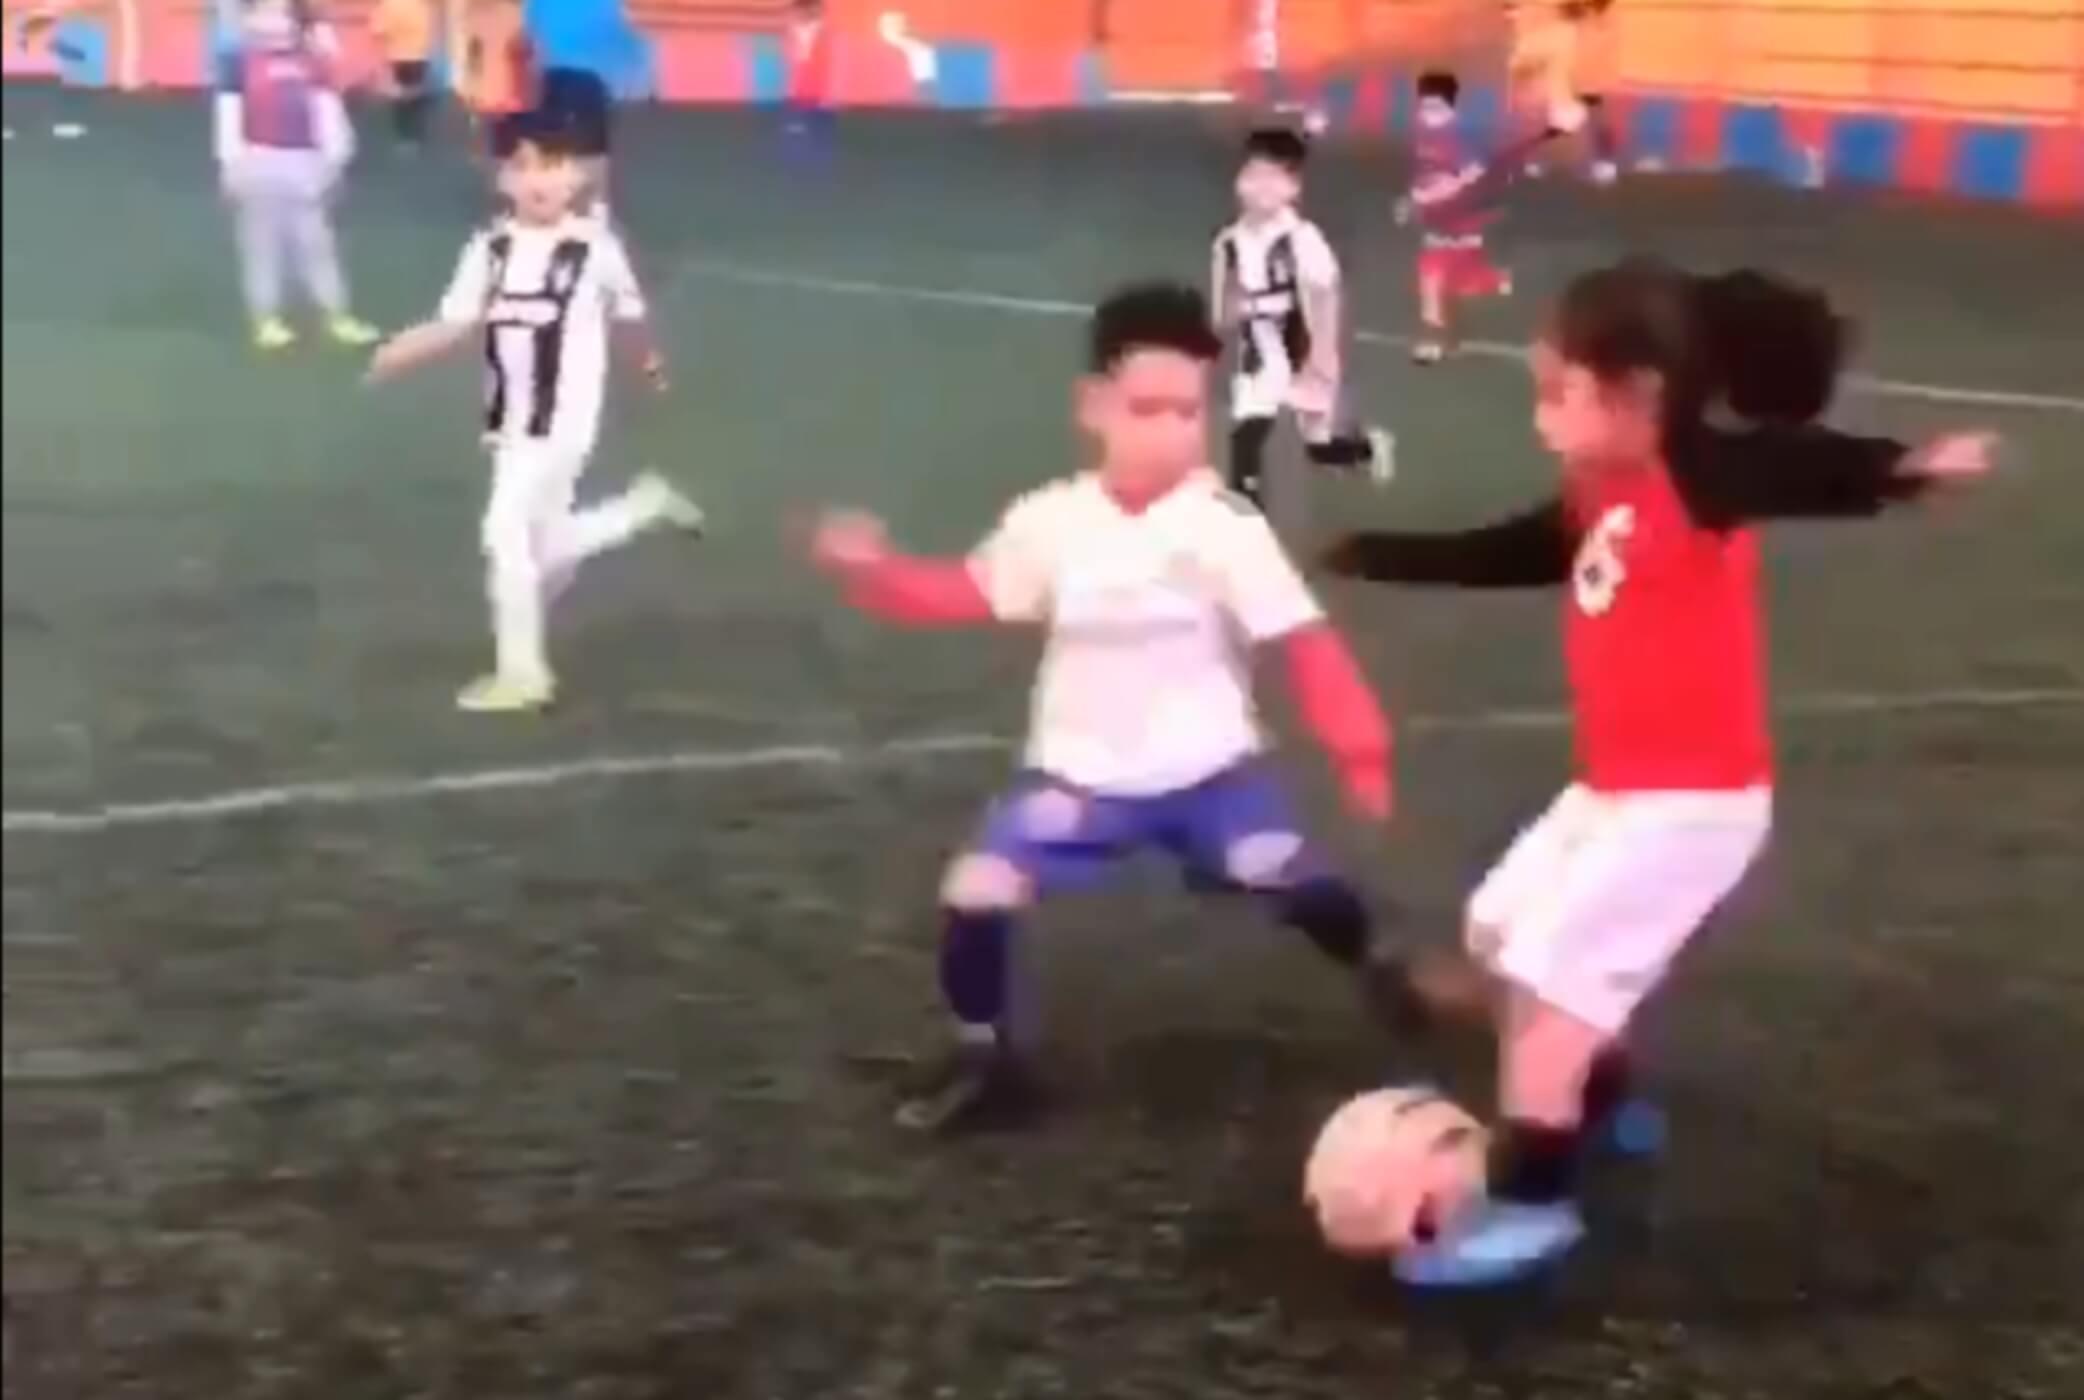 """Θα ζήλευε κι ο Μέσι! Το πεντάχρονο κορίτσι που """"ξαπλώνει"""" τα αγόρια με τις ντρίμπλες του – video"""